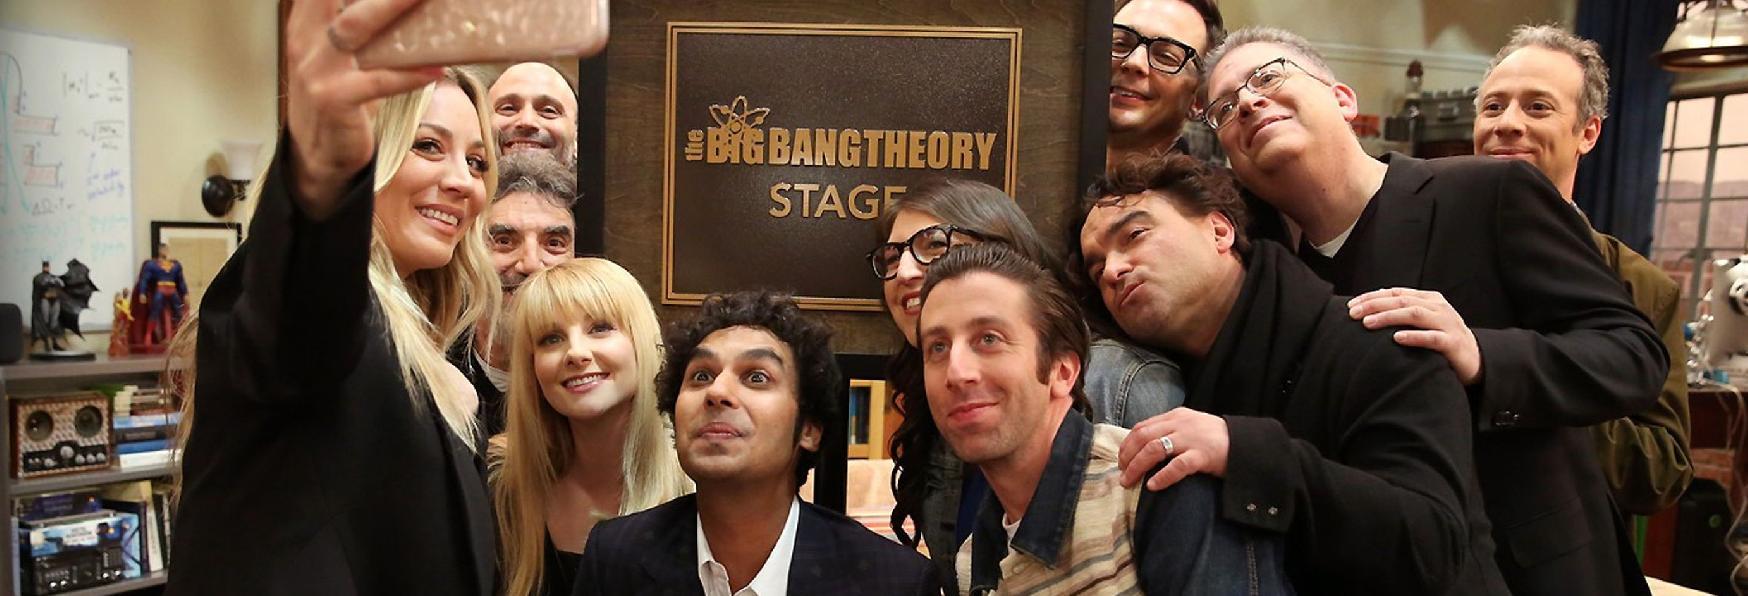 Esperienze Seriali: ecco Come mi sto Preparando al Finale di The Big Bang Theory